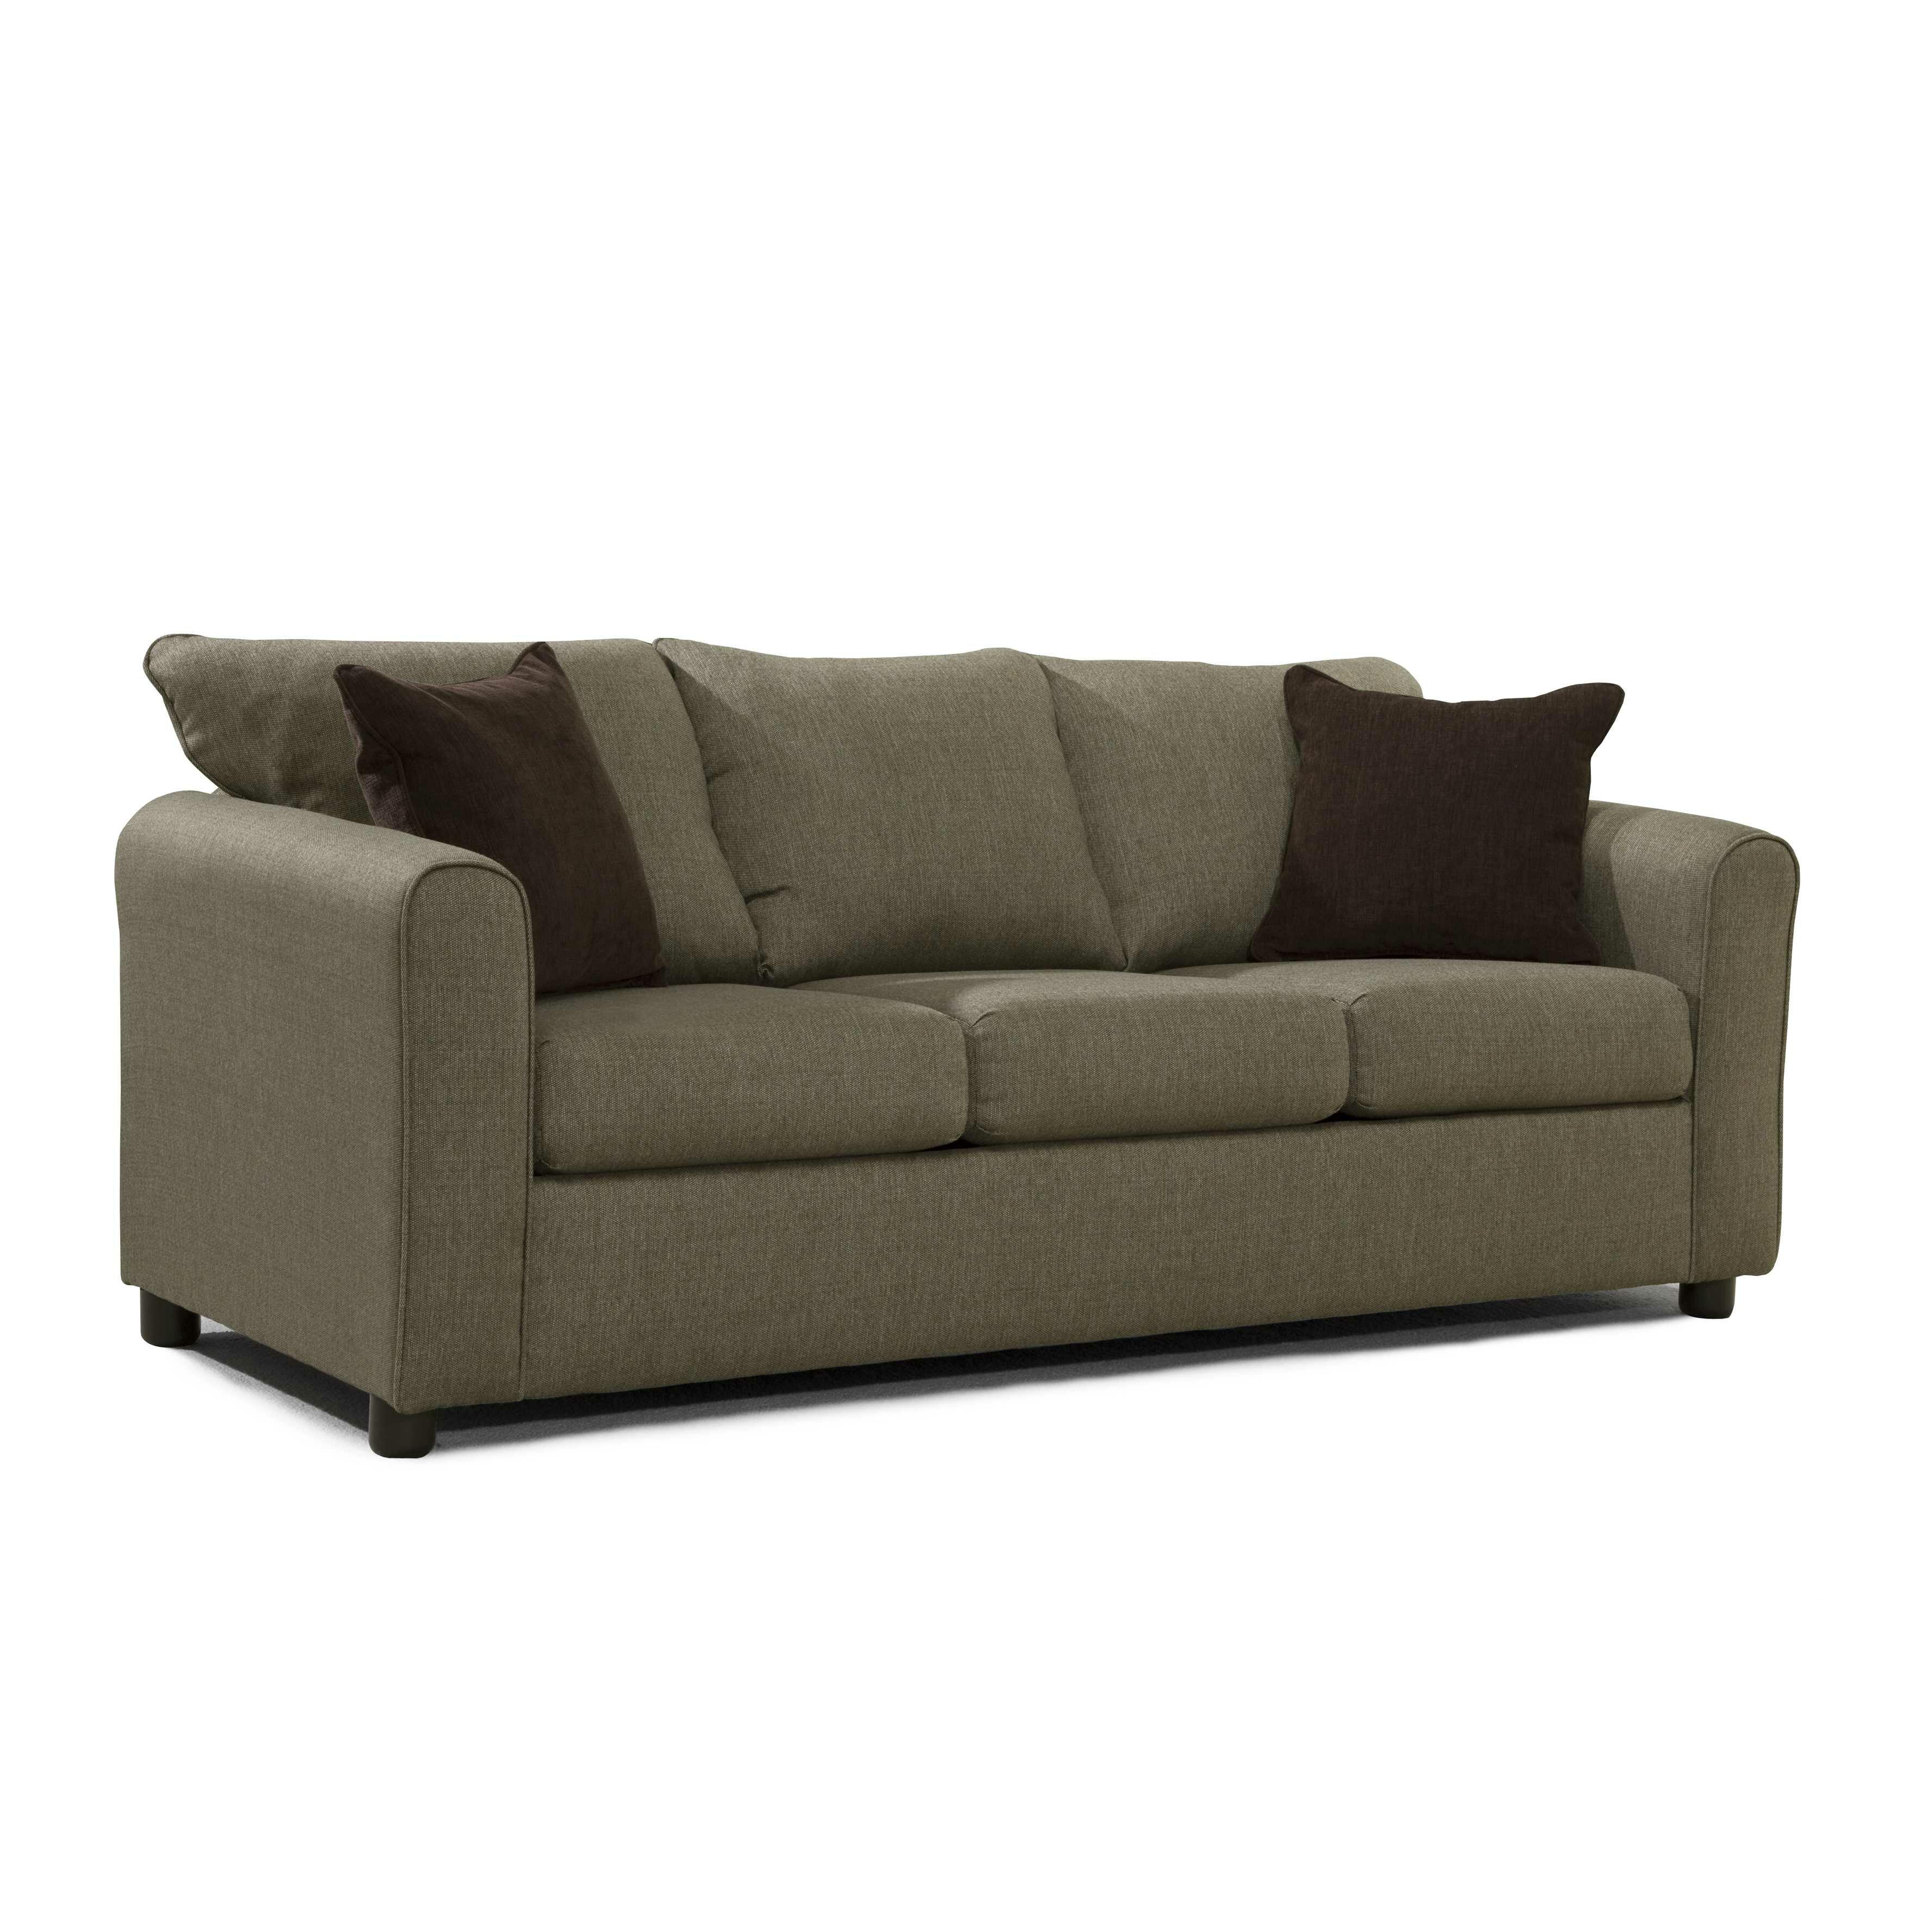 Studio Sleeper Sofa